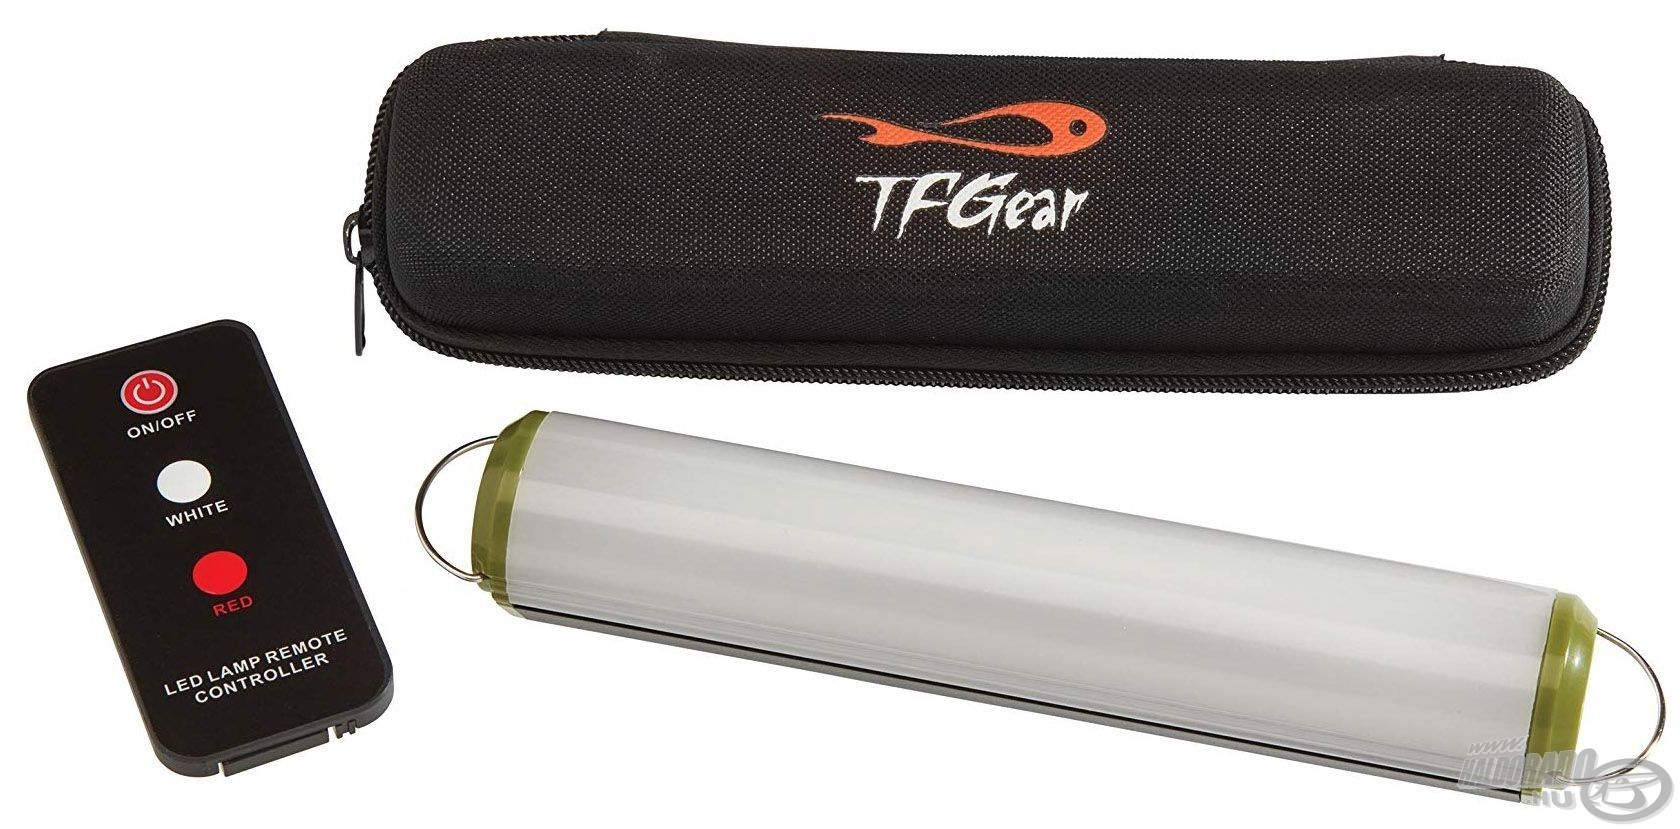 TF GEAR Night Spark egy nagy teljesítményű sátorlámpa és egy tápegység, amely minden pontyhorgásznak és kempingezőnek nagy hasznára lehet